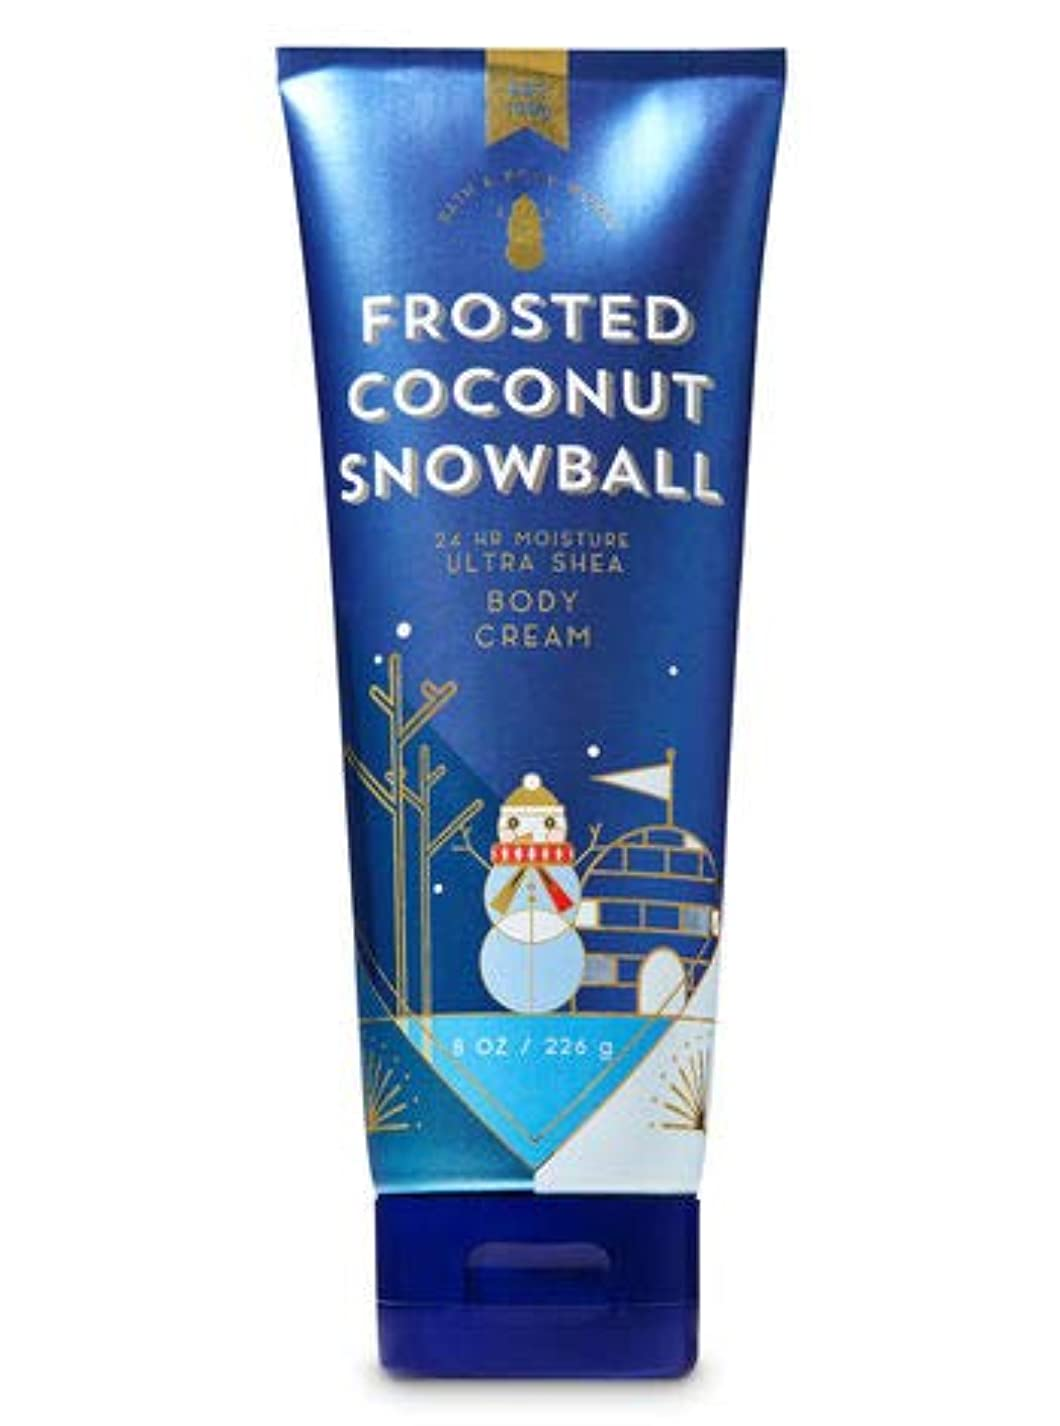 ハッピーリーン情熱【Bath&Body Works/バス&ボディワークス】 ボディクリーム Frosted フロステッドココナッツスノーボール Ultra Shea Body Cream Frosted Coconut Snowball 8 oz / 226 g [並行輸入品]